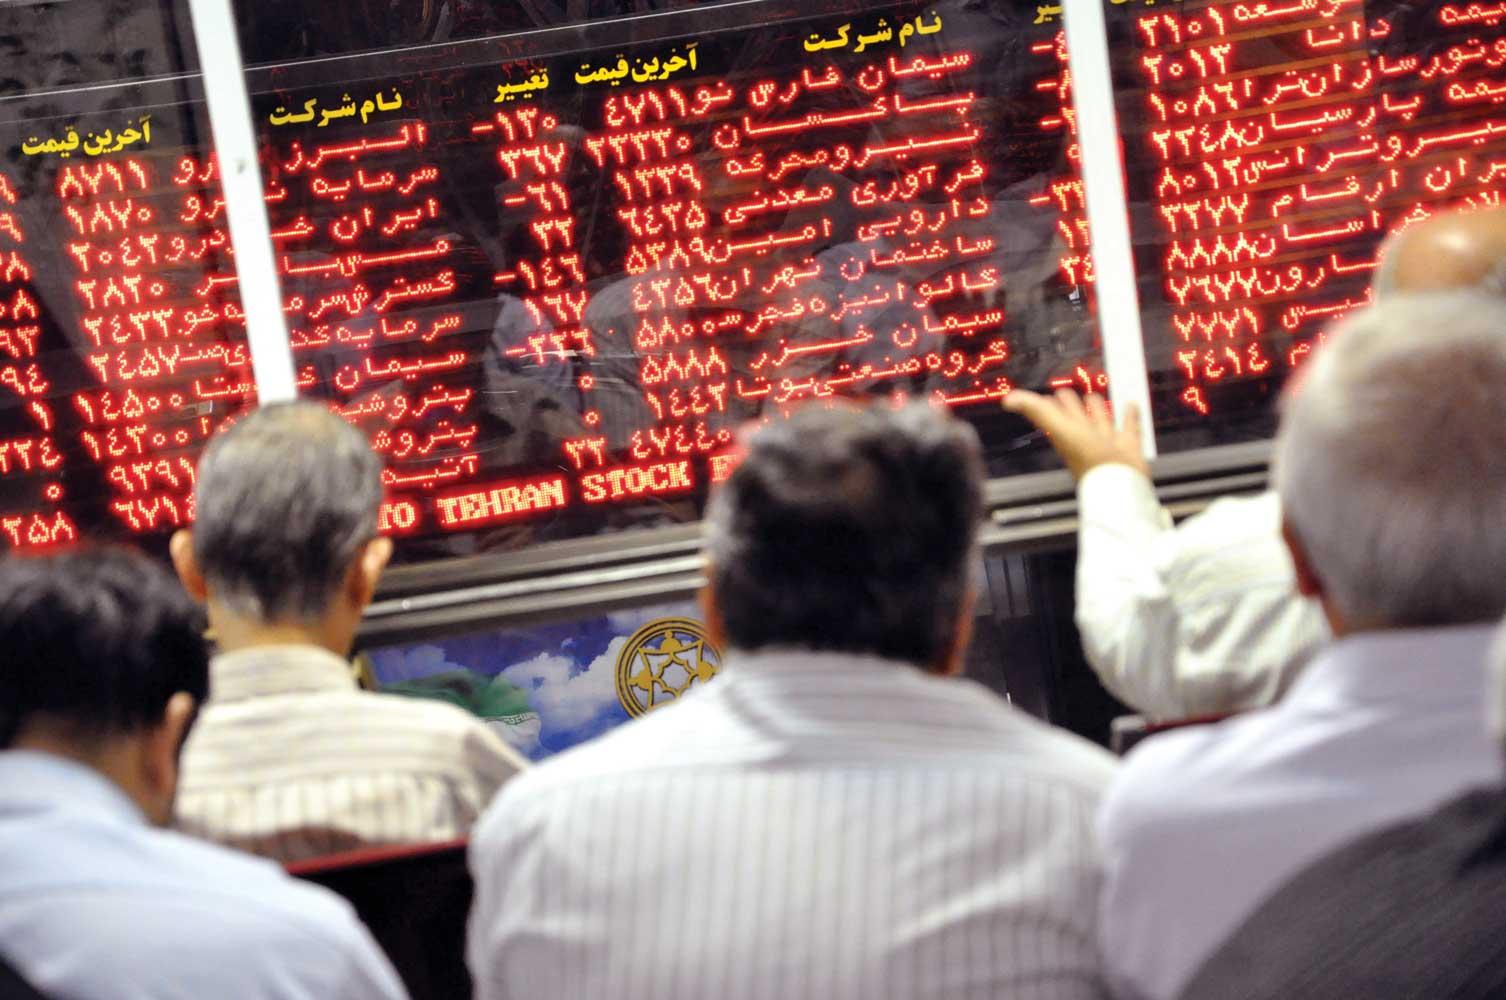 مبادله 11 میلیون و 175 هزار و 231 سهام در بورس منطقه ای همدان